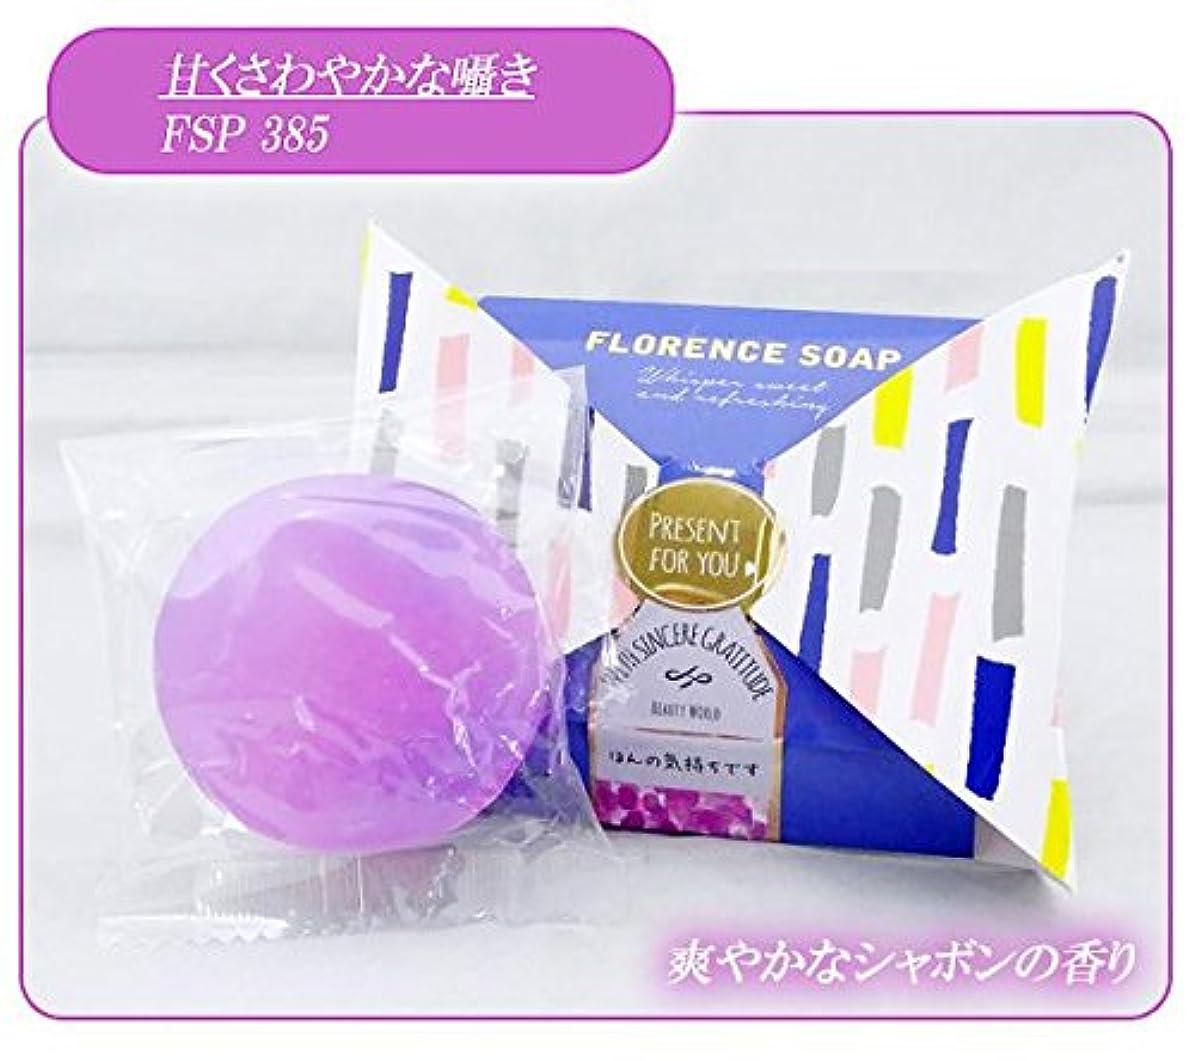 欠陥エネルギー重大ビューティーワールド BWフローレンスの香り石けん リボンパッケージ 6個セット 甘くさわやかな囁き